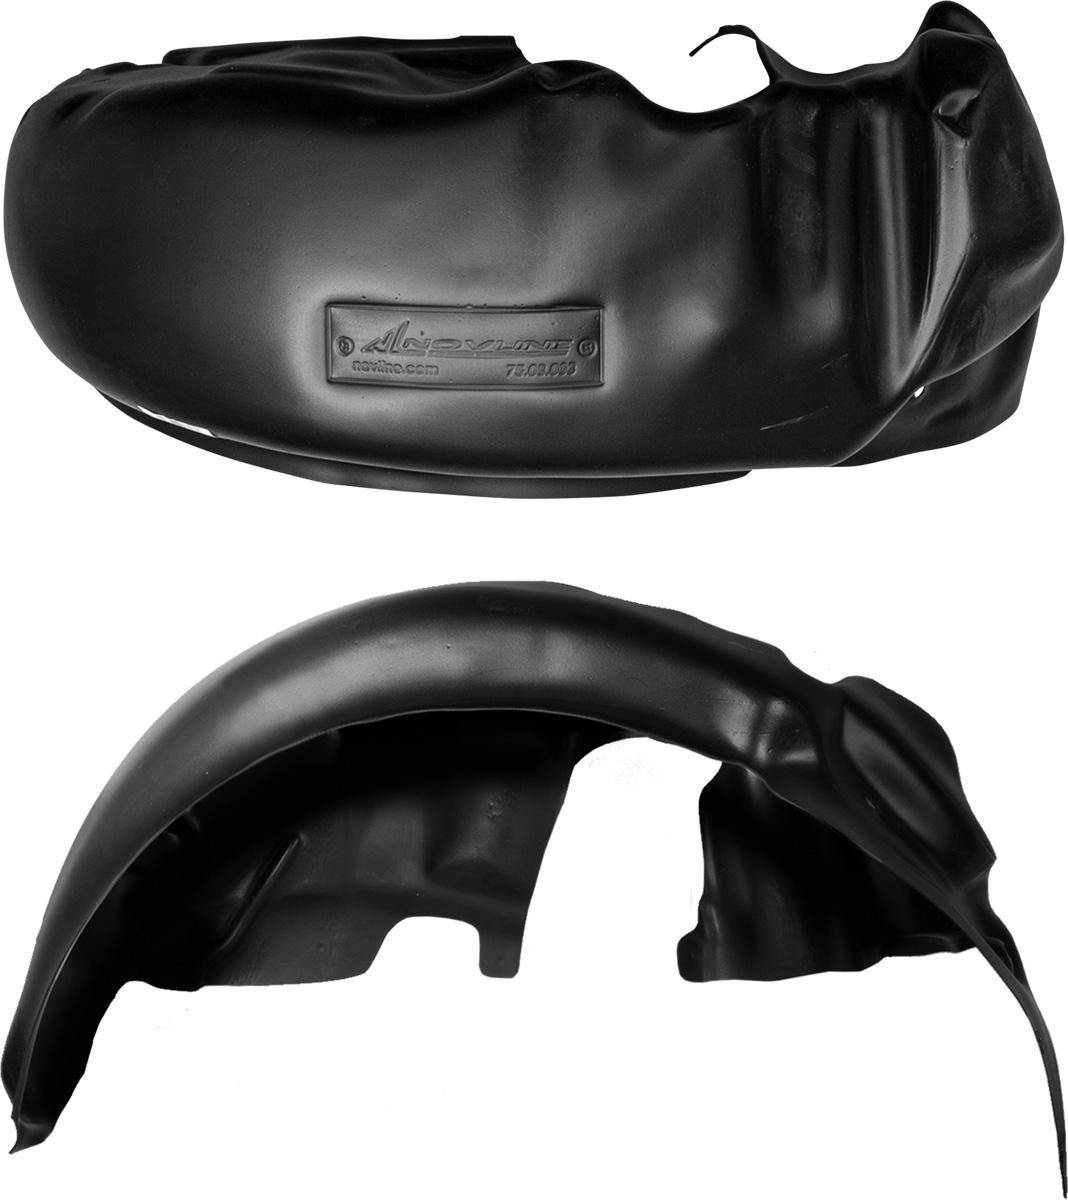 Подкрылок GREAT WALL Hover H5, 2010->, передний правыйCA-3505Колесные ниши – одни из самых уязвимых зон днища вашего автомобиля. Они постоянно подвергаются воздействию со стороны дороги. Лучшая, почти абсолютная защита для них - специально отформованные пластиковые кожухи, которые называются подкрылками, или локерами. Производятся они как для отечественных моделей автомобилей, так и для иномарок. Подкрылки выполнены из высококачественного, экологически чистого пластика. Обеспечивают надежную защиту кузова автомобиля от пескоструйного эффекта и негативного влияния, агрессивных антигололедных реагентов. Пластик обладает более низкой теплопроводностью, чем металл, поэтому в зимний период эксплуатации использование пластиковых подкрылков позволяет лучше защитить колесные ниши от налипания снега и образования наледи. Оригинальность конструкции подчеркивает элегантность автомобиля, бережно защищает нанесенное на днище кузова антикоррозийное покрытие и позволяет осуществить крепление подкрылков внутри колесной арки практически без дополнительного крепежа и сверления, не нарушая при этом лакокрасочного покрытия, что предотвращает возникновение новых очагов коррозии. Технология крепления подкрылков на иномарки принципиально отличается от крепления на российские автомобили и разрабатывается индивидуально для каждой модели автомобиля. Подкрылки долговечны, обладают высокой прочностью и сохраняют заданную форму, а также все свои физико-механические характеристики в самых тяжелых климатических условиях ( от -50° С до + 50° С).